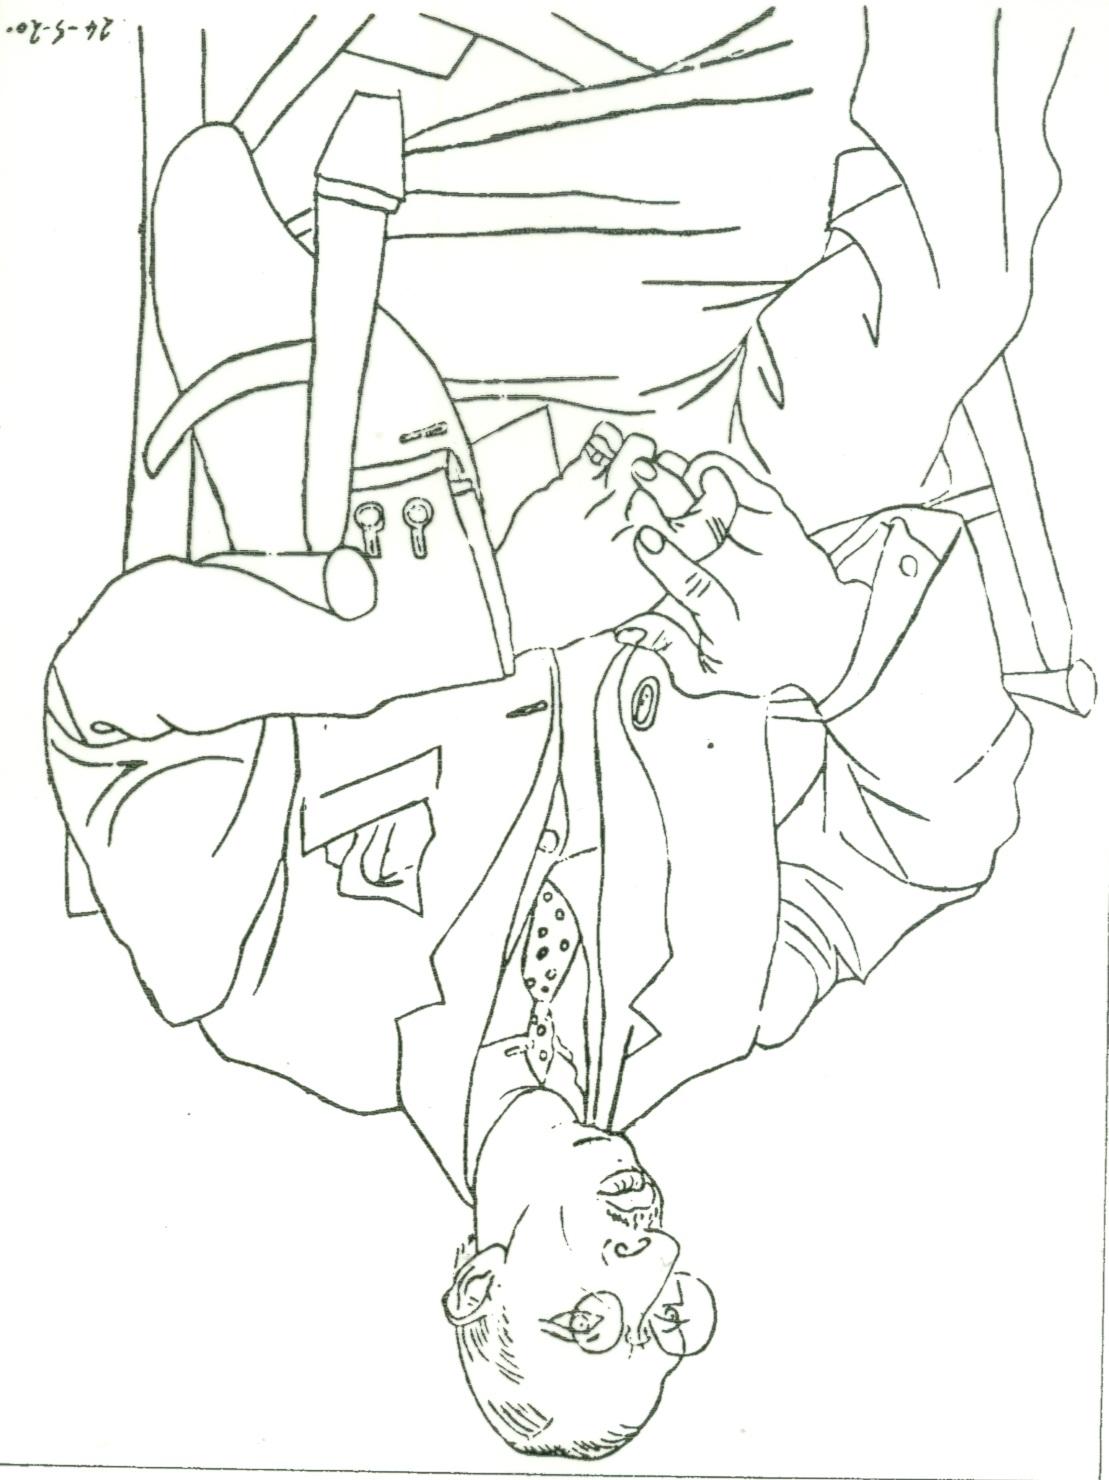 Upside Down Drawings